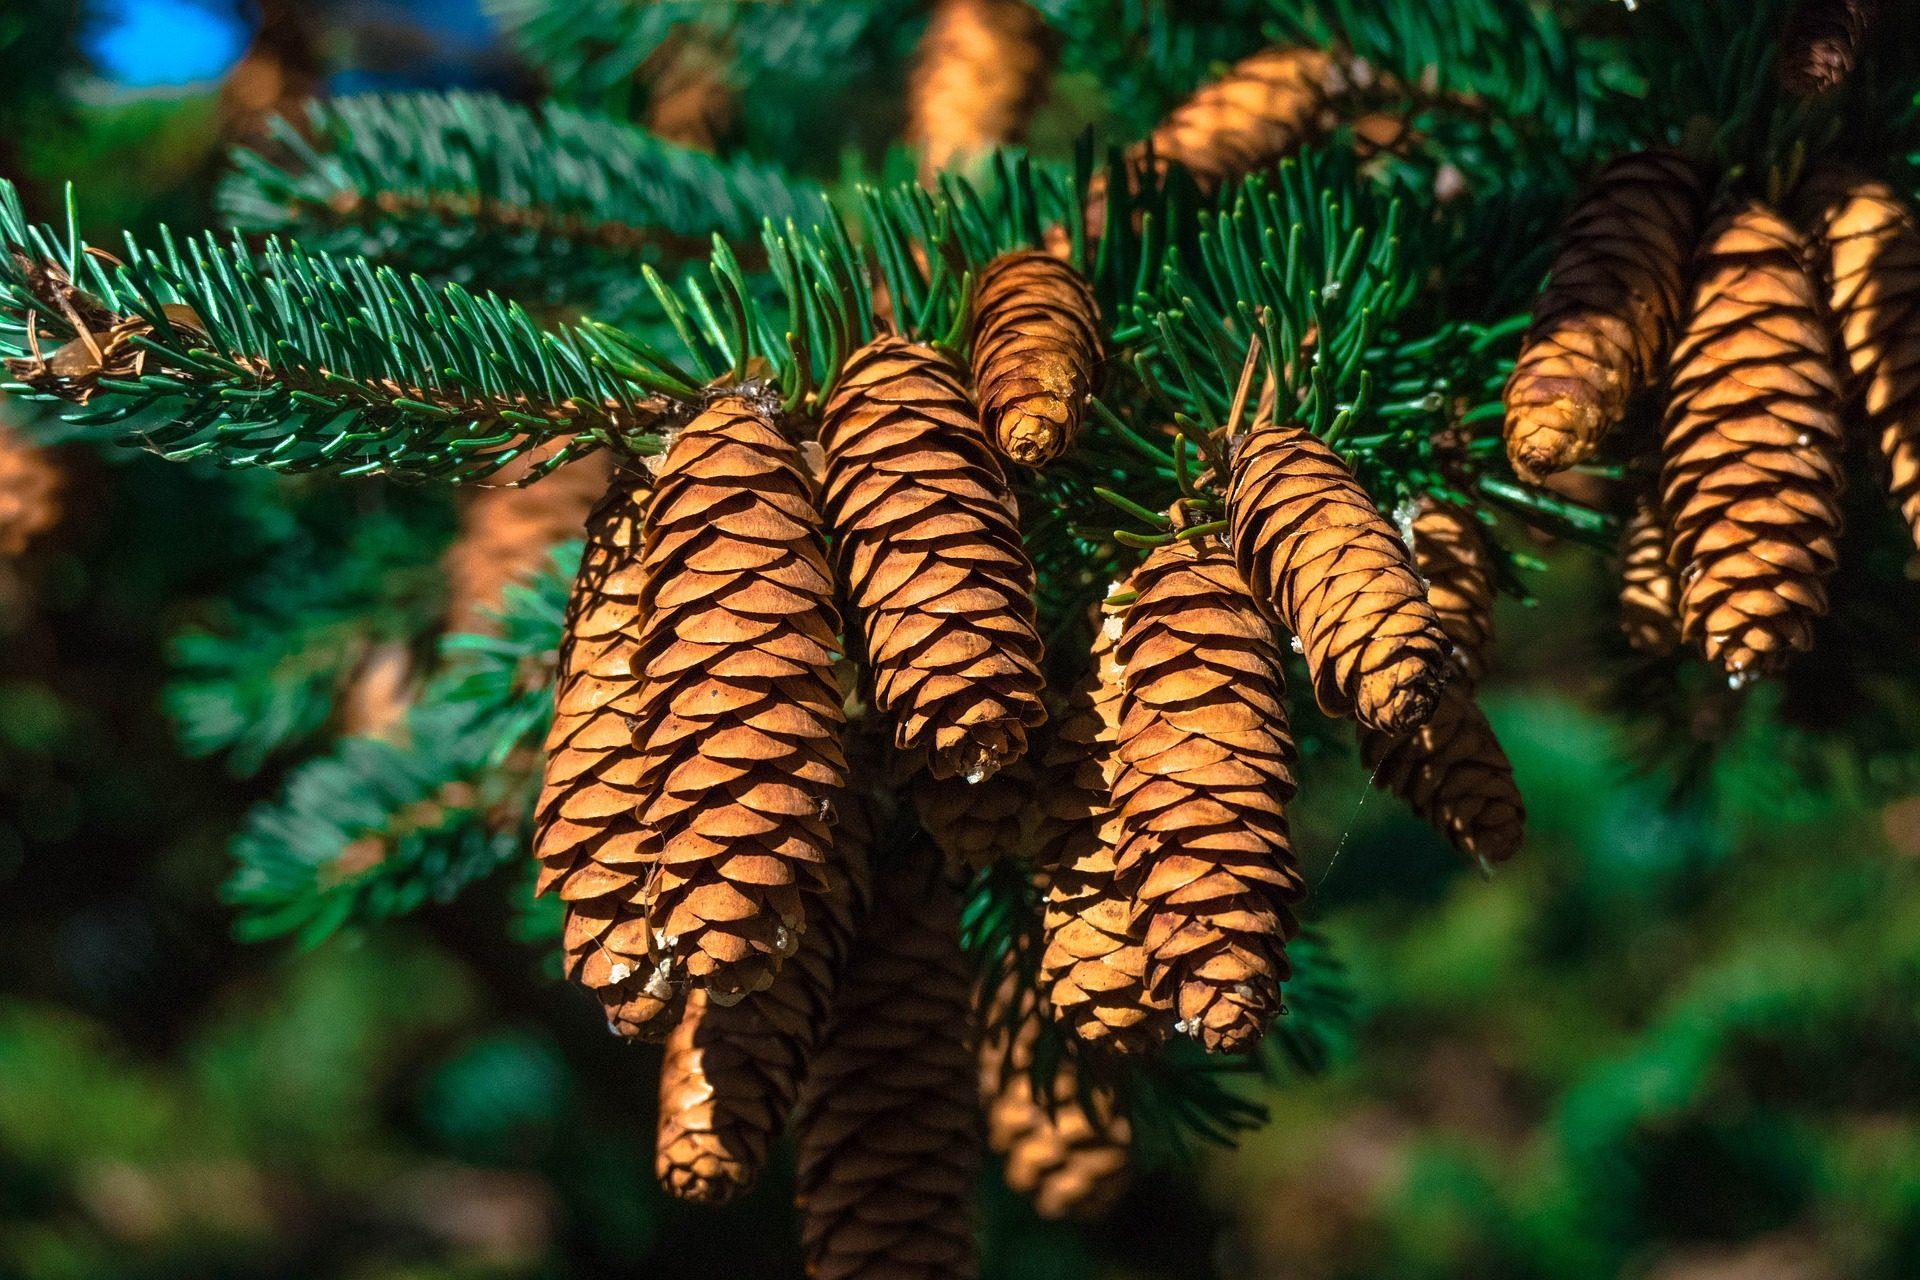 Pin, Ananas, noix de pin, plantes, arbres - Fonds d'écran HD - Professor-falken.com